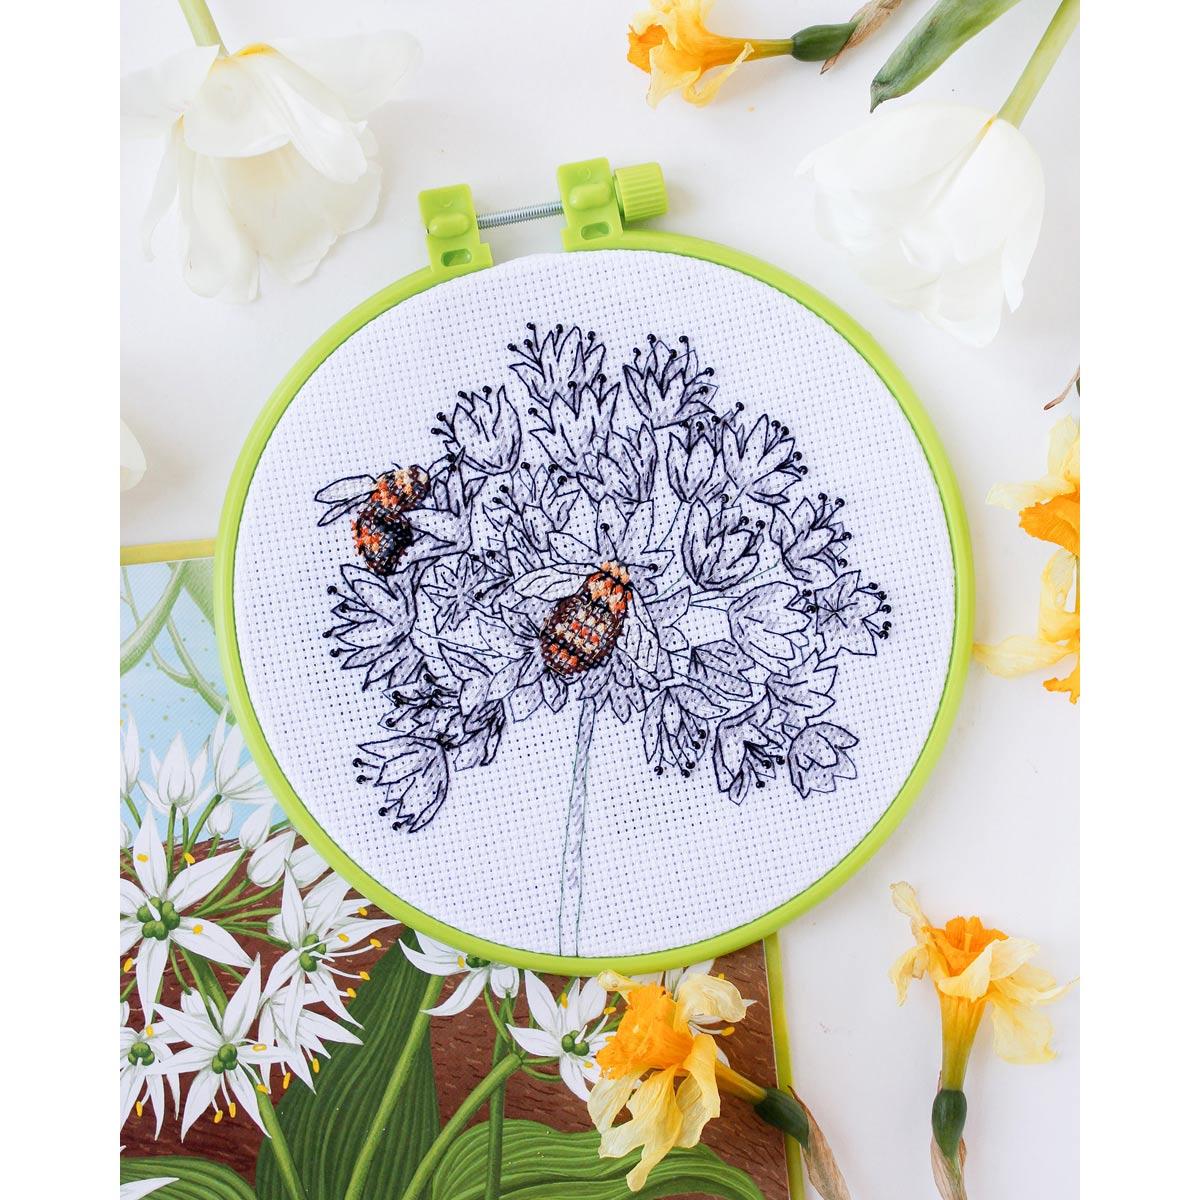 АНМ-049 Набор для вышивания крестом 'Пчелки' 15*15см